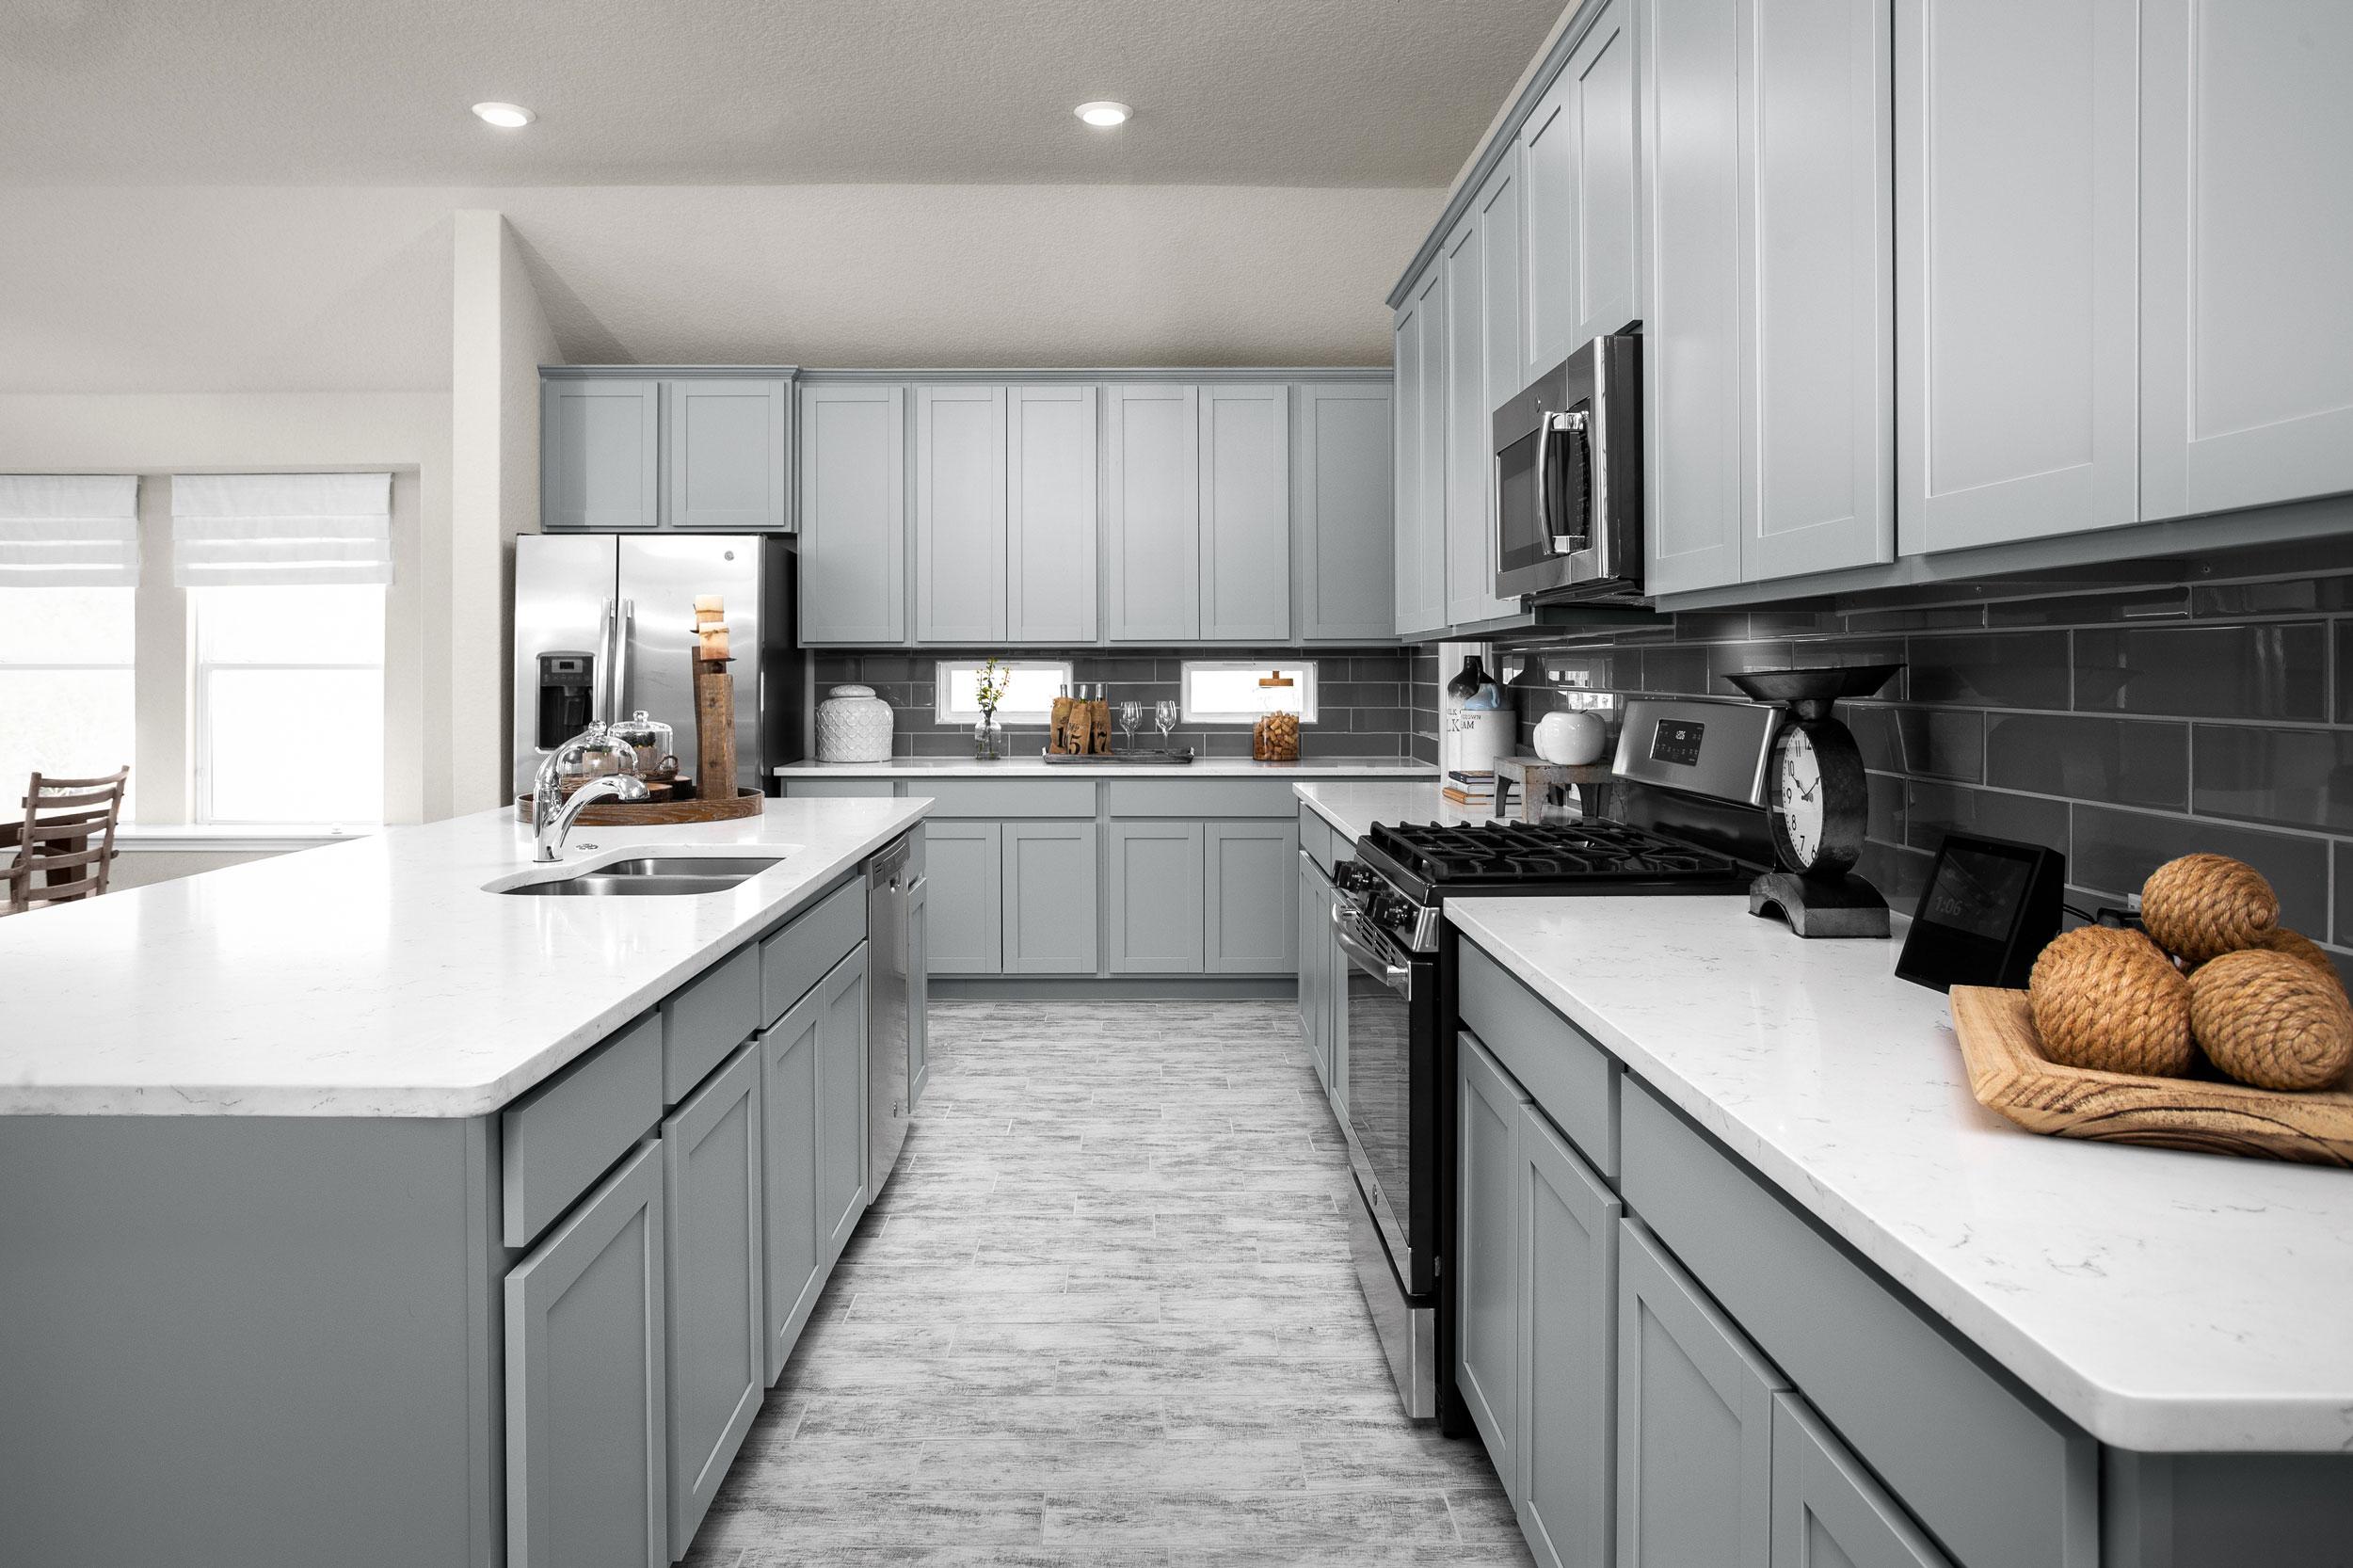 kitchen-one-point-design.jpg